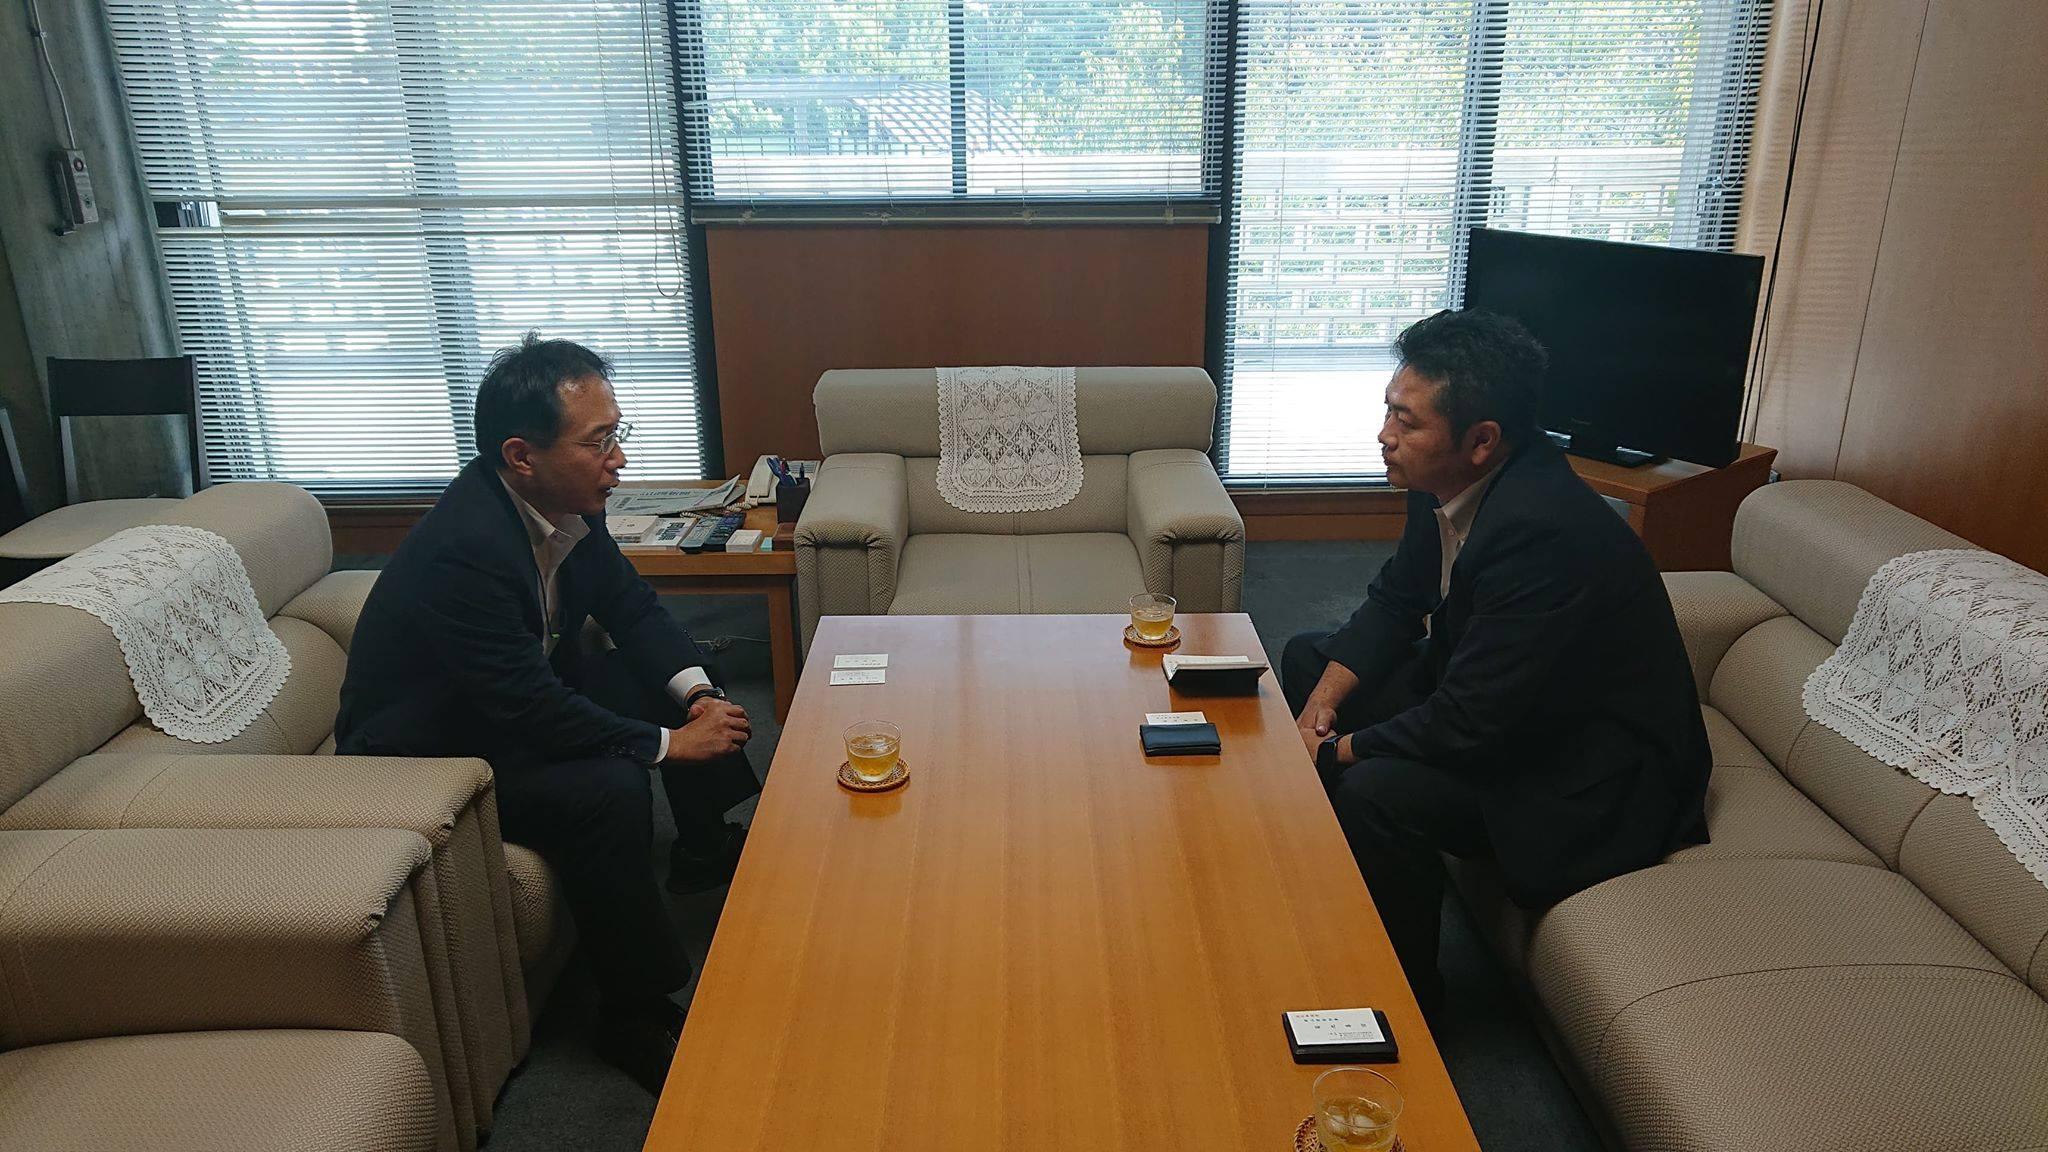 岡山県の菊池善信副知事を訪ね、被災者や被災自治体から寄せられた切実な声をお伝えしてきました。